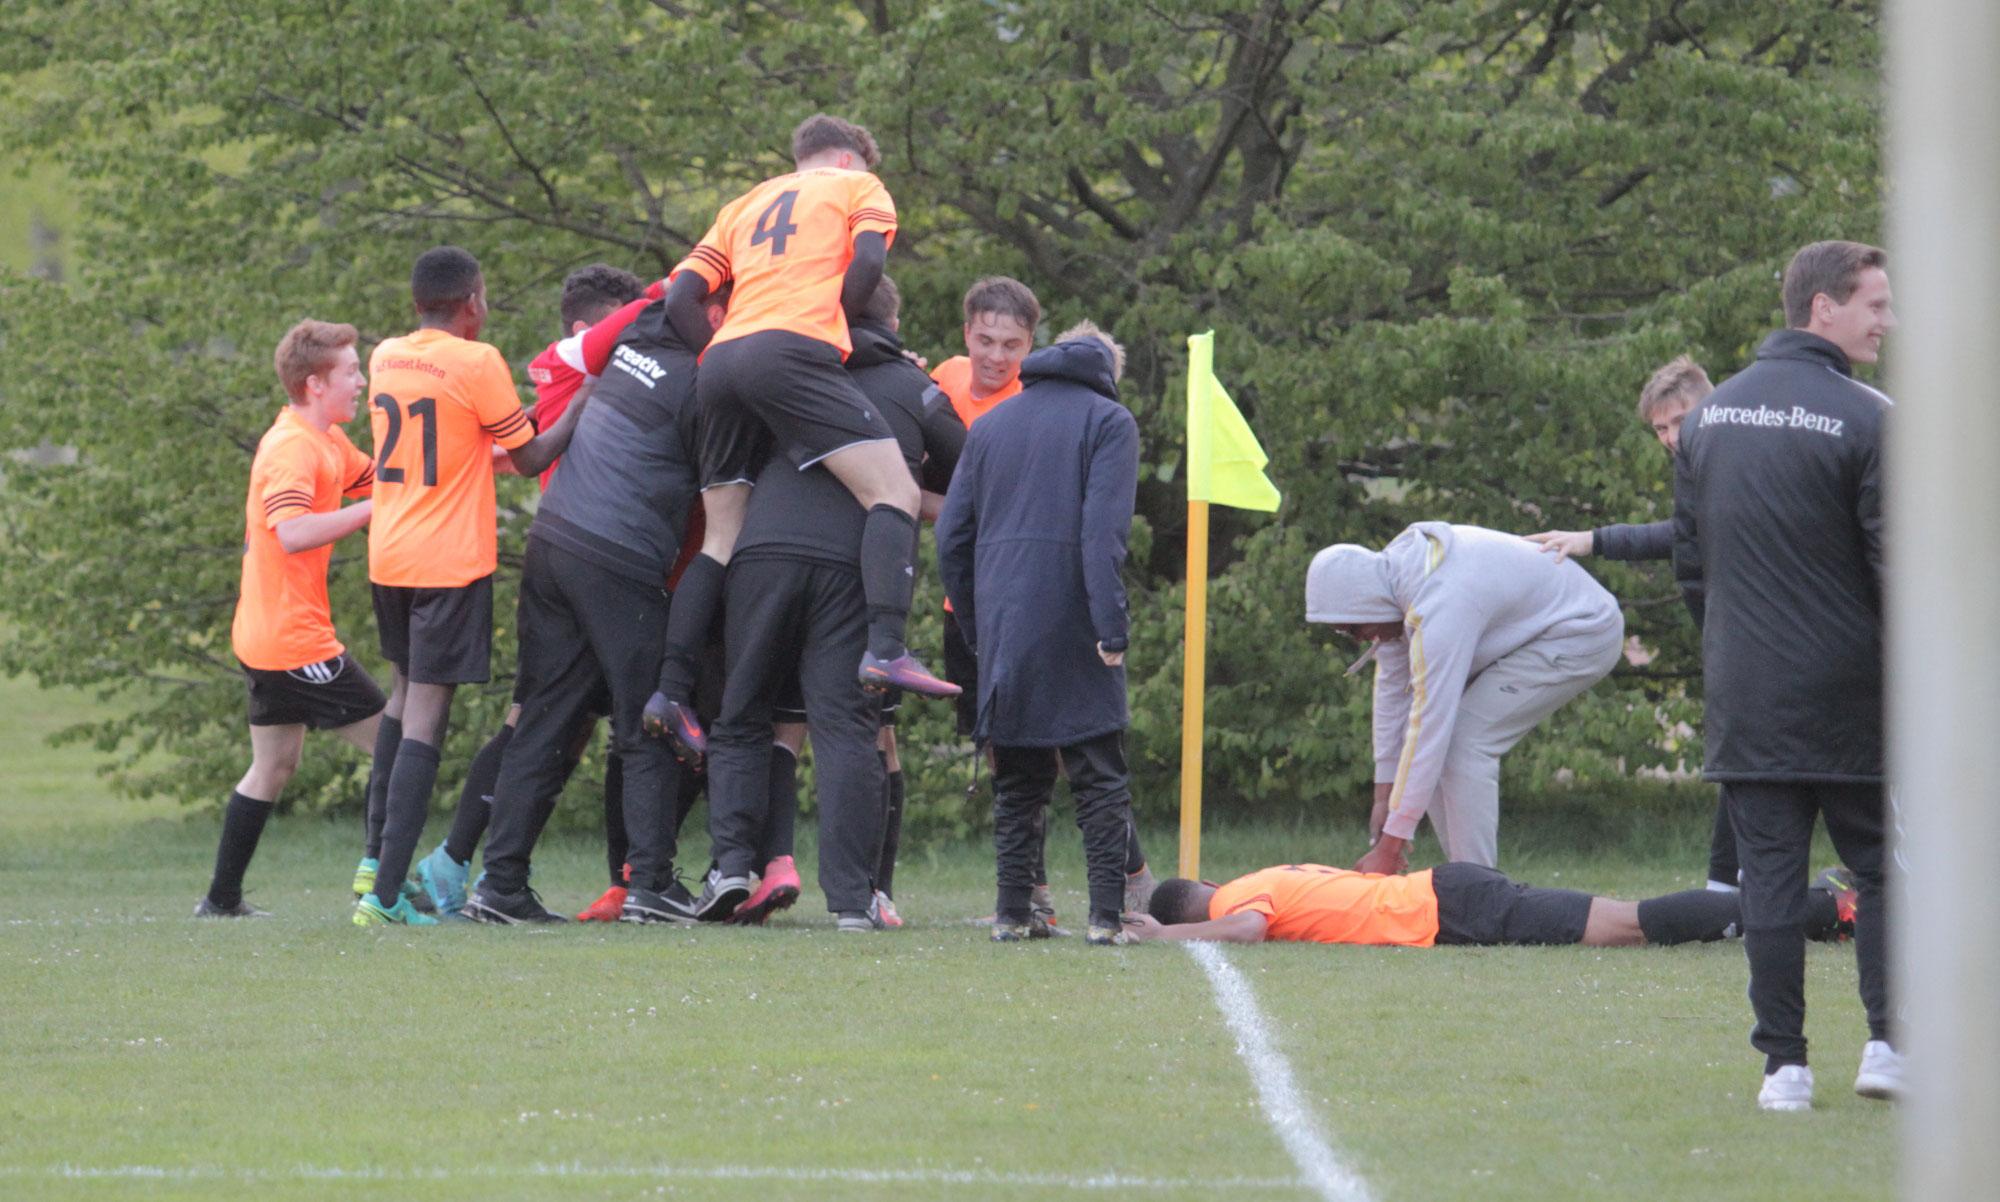 Nach U19 Und U18 Noch Sechs Teams Hoffen Auf Das Pokalfinale Tka